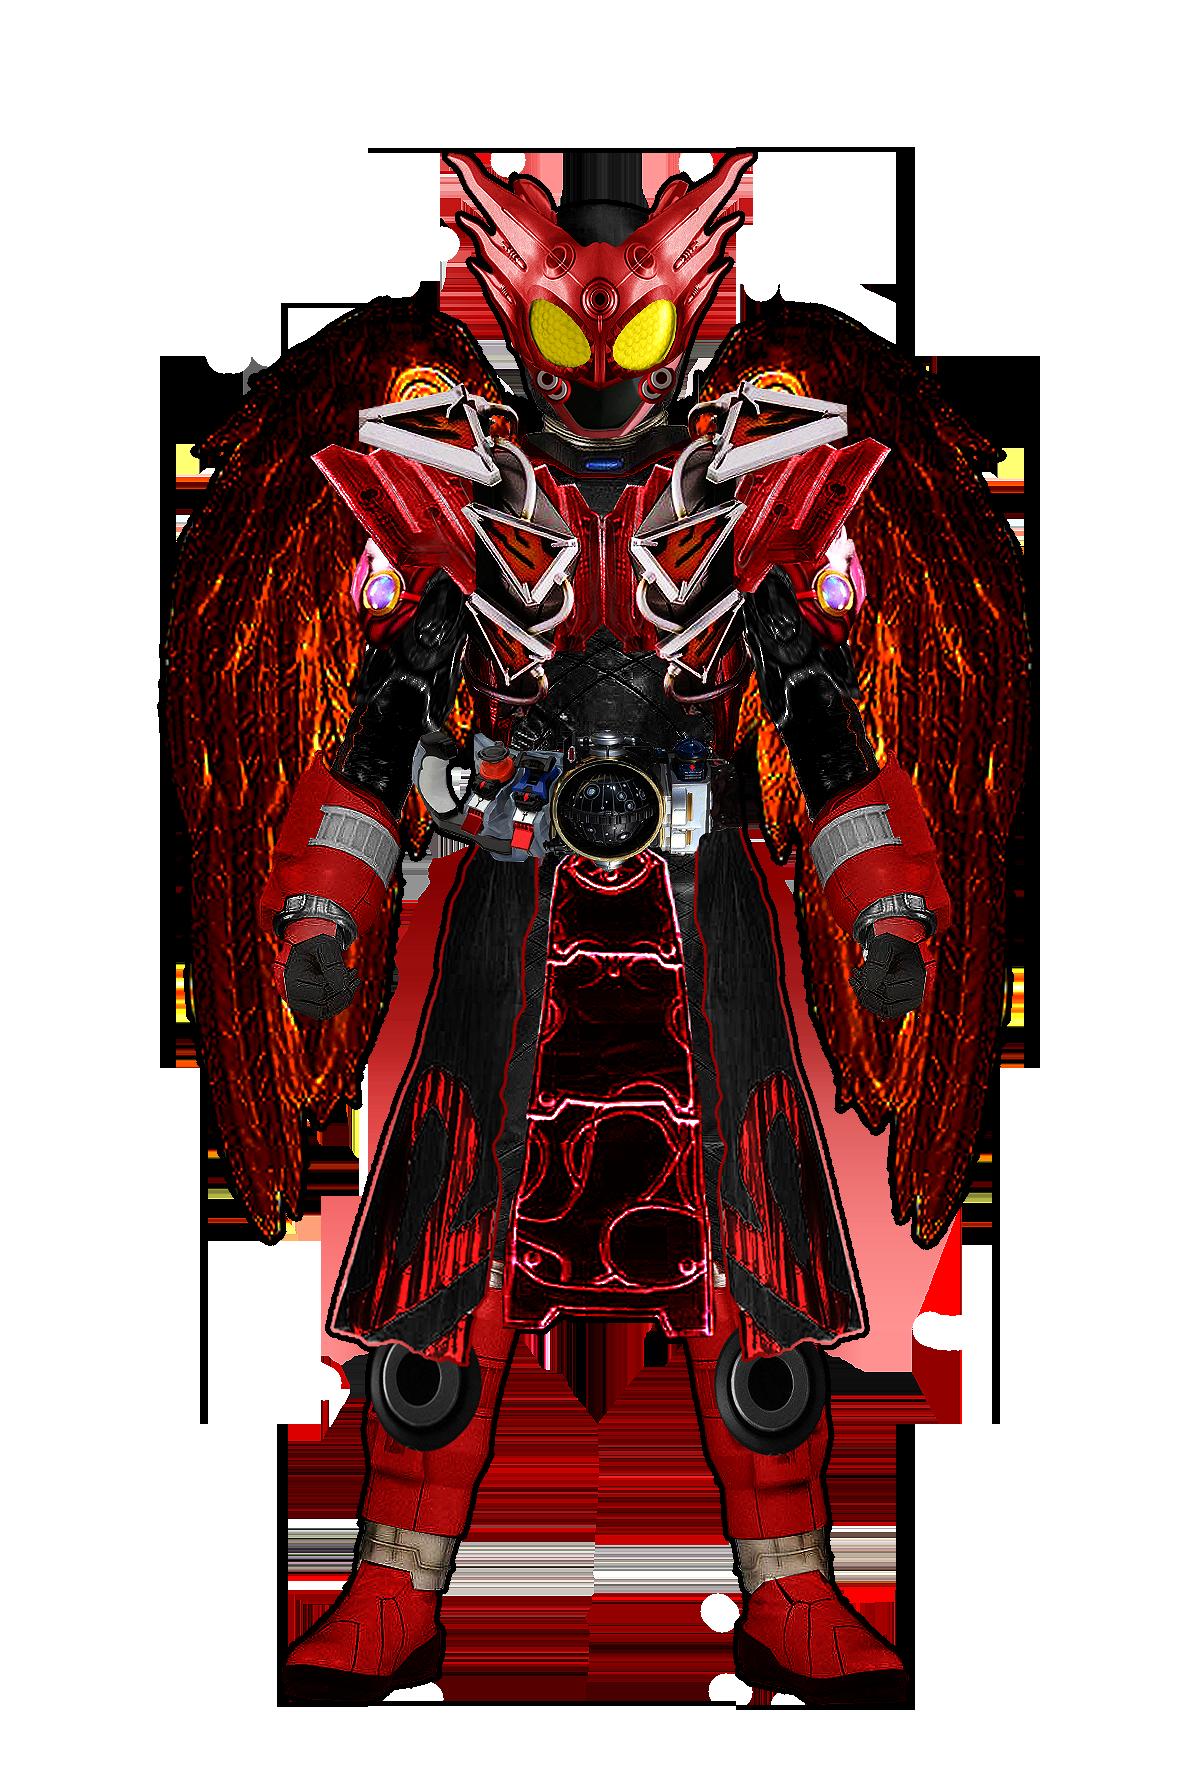 Kamen Rider Ikarus (Dark Rider from Fourze Novel)